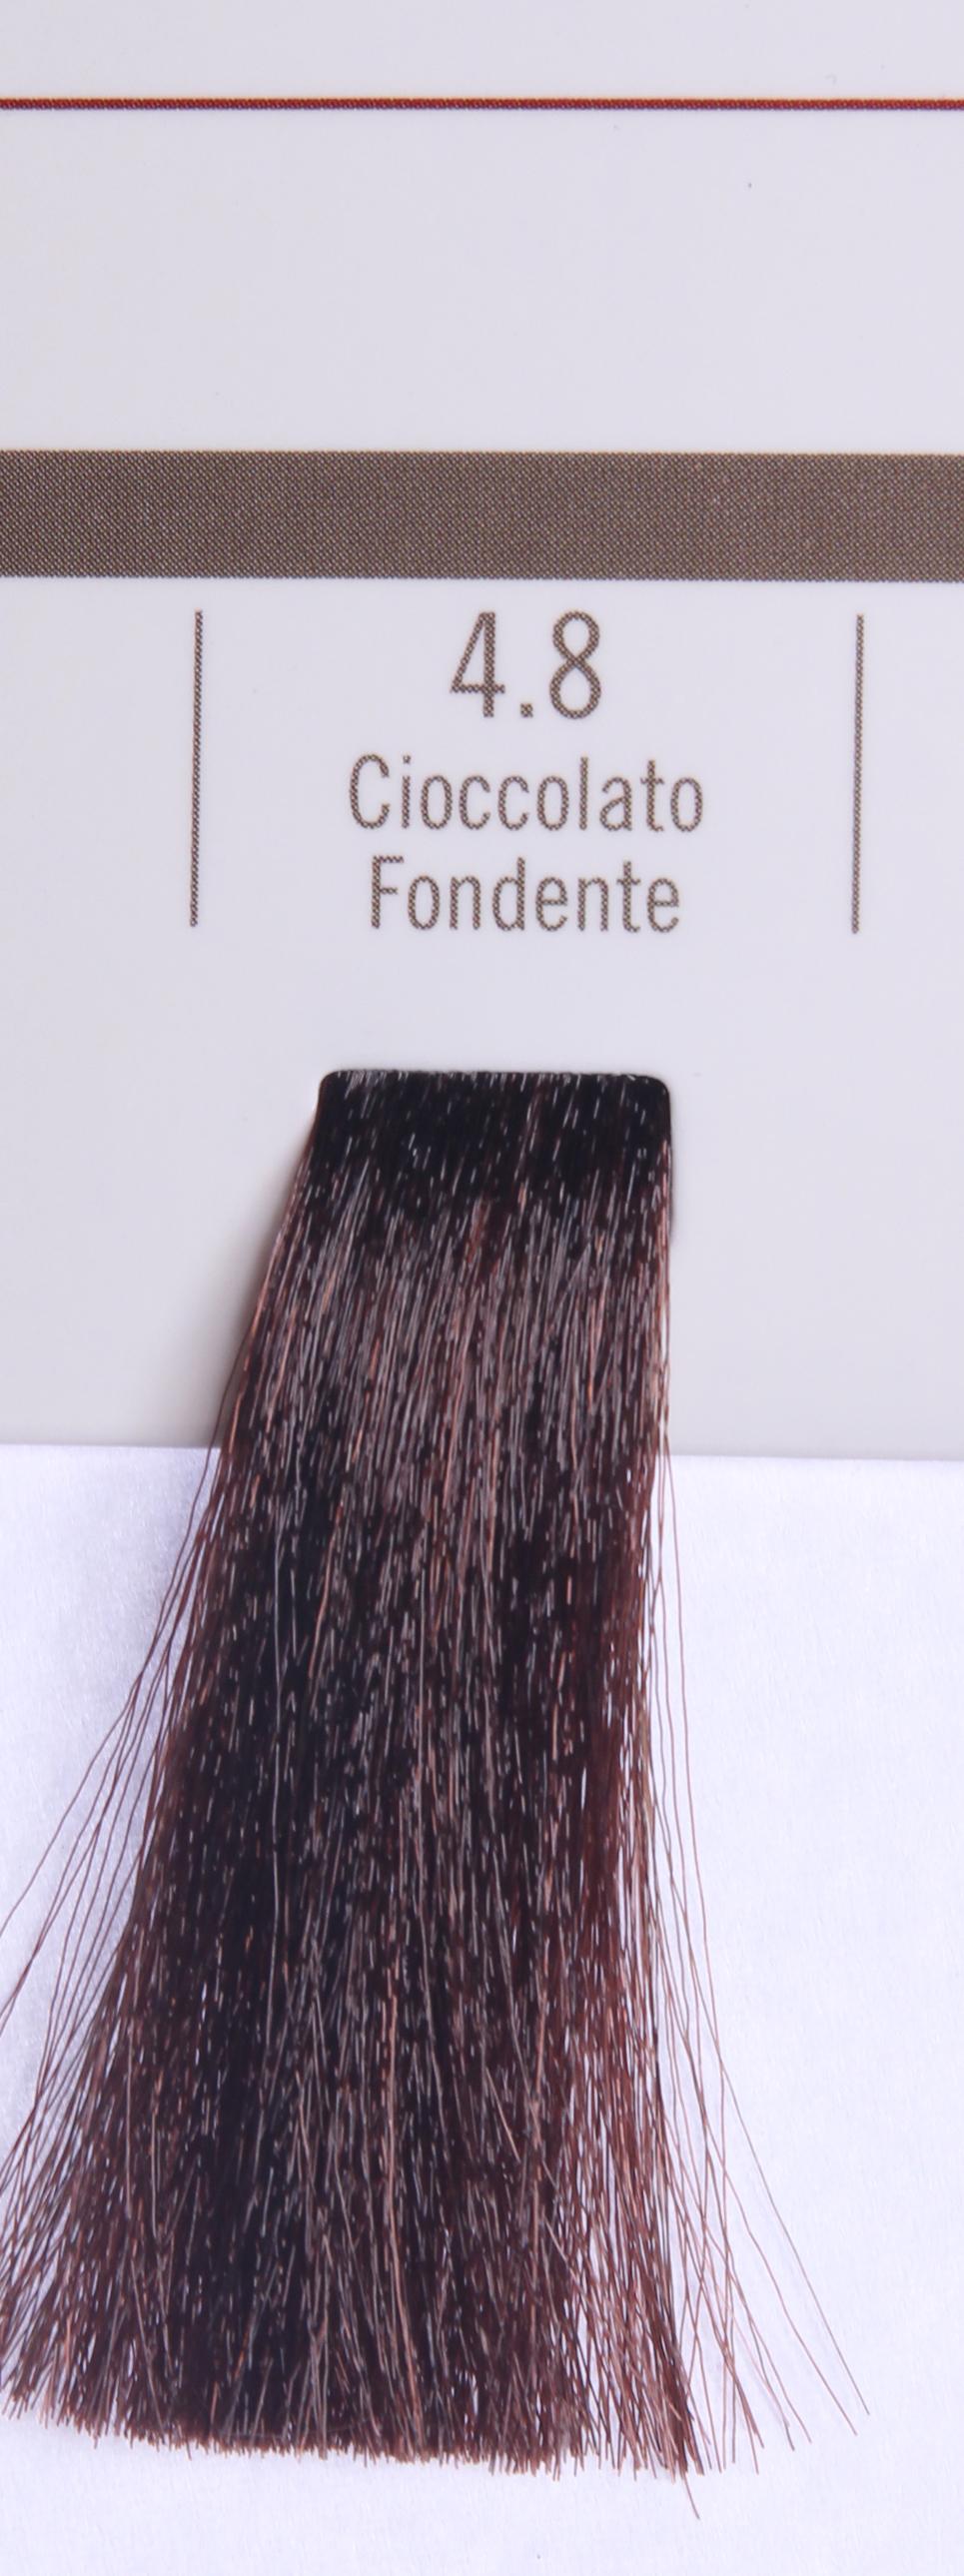 BAREX 4.8 краска для волос / PERMESSE 100млКраски<br>Оттенок: Горький шоколад. Профессиональная крем-краска Permesse отличается низким содержанием аммиака - от 1 до 1,5%. Обеспечивает блестящий и натуральный косметический цвет, 100% покрытие седых волос, идеальное осветление, стойкость и насыщенность цвета до следующего окрашивания. Комплекс сертифицированных органических пептидов M4, входящих в состав, действует с момента нанесения, увлажняя волосы, придавая им прочность и защиту. Пептиды избирательно оседают в самых поврежденных участках волоса, восстанавливая и защищая их. Масло карите оказывает смягчающее и успокаивающее действие. Комплекс пептидов и масло карите стимулируют проникновение пигментов вглубь структуры волоса, придавая им здоровый вид, блеск и долговечность косметическому цвету. Активные ингредиенты:&amp;nbsp;Сертифицированные органические пептиды М4 - пептиды овса, бразильского ореха, сои и пшеницы, объединенные в полифункциональный комплекс, придающий прочность окрашенным волосам, увлажняющий и защищающий их. Сертифицированное органическое масло карите (масло ши) - богато жирными кислотами, экстрагируется из ореха африканского дерева карите. Оказывает смягчающий и целебный эффект на кожу и волосы, широко применяется в косметической индустрии. Масло карите защищает волосы от неблагоприятного воздействия внешней среды, интенсивно увлажняет кожу и волосы, т.к. обладает высокой степенью абсорбции, не забивает поры. Способ применения:&amp;nbsp;Крем-краска готовится в смеси с Молочком-оксигентом Permesse 10/20/30/40 объемов в соотношении 1:1 (например, 50 мл крем-краски + 50 мл молочка-оксигента). Молочко-оксигент работает в сочетании с крем-краской и гарантирует идеальное проявление краски. Тюбик крем-краски Permesse содержит 100 мл продукта, количество, достаточное для 2 полных нанесений. Всегда надевайте подходящие специальные перчатки перед подготовкой и нанесением краски. Подготавливайте смесь крем-краски и молочка-оксигента Permesse в неметалличес